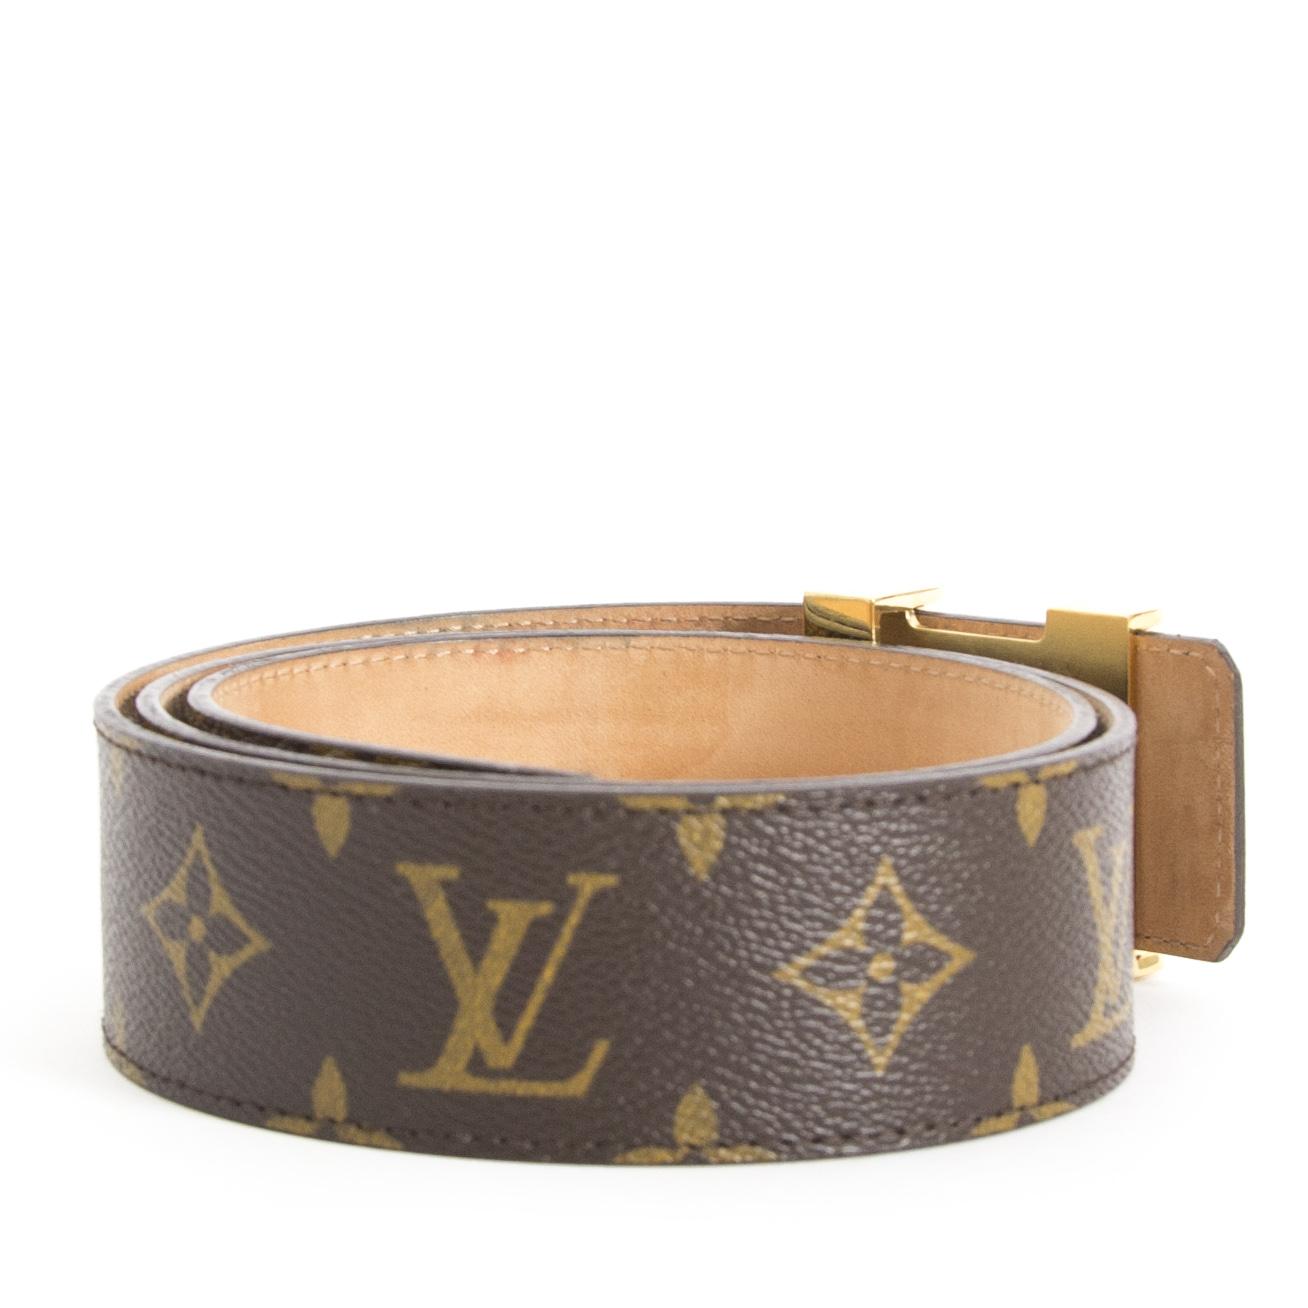 Bent u op zoek naar een authentieke Louis Vuitton Monogram Gold Belt?